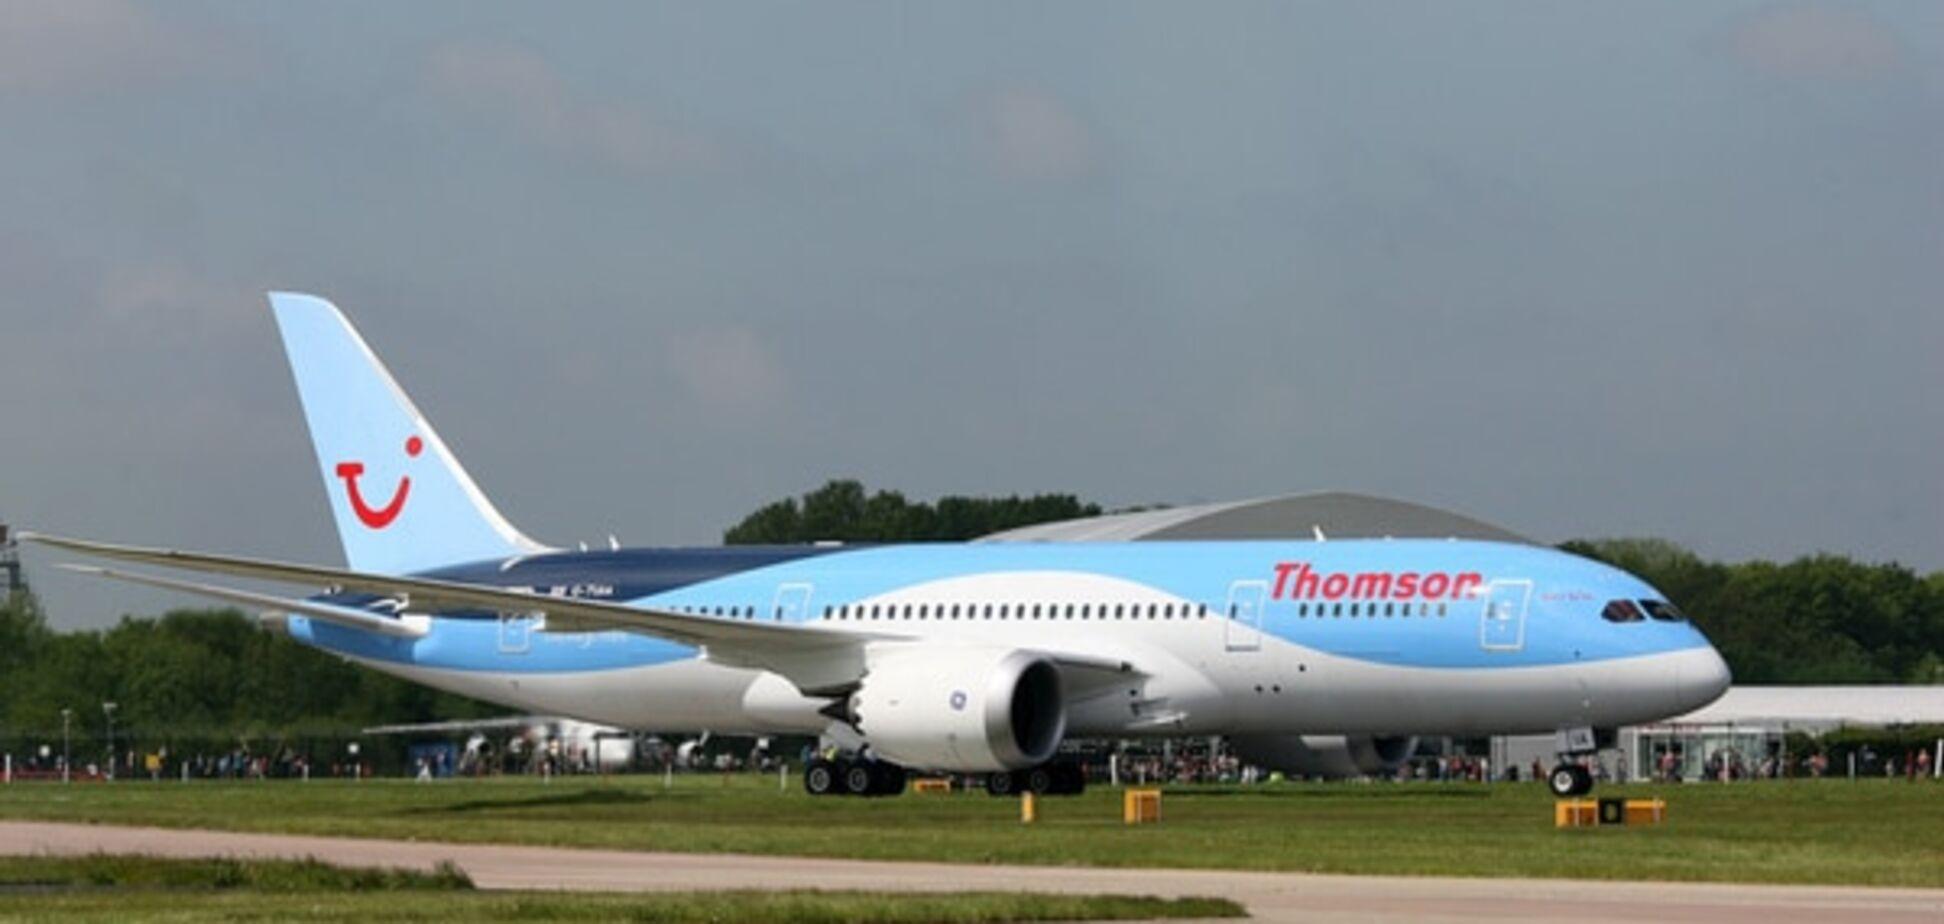 Лондон подтвердил: в Шарм-эль-Шейхе едва не сбили ракетой пассажирский самолет